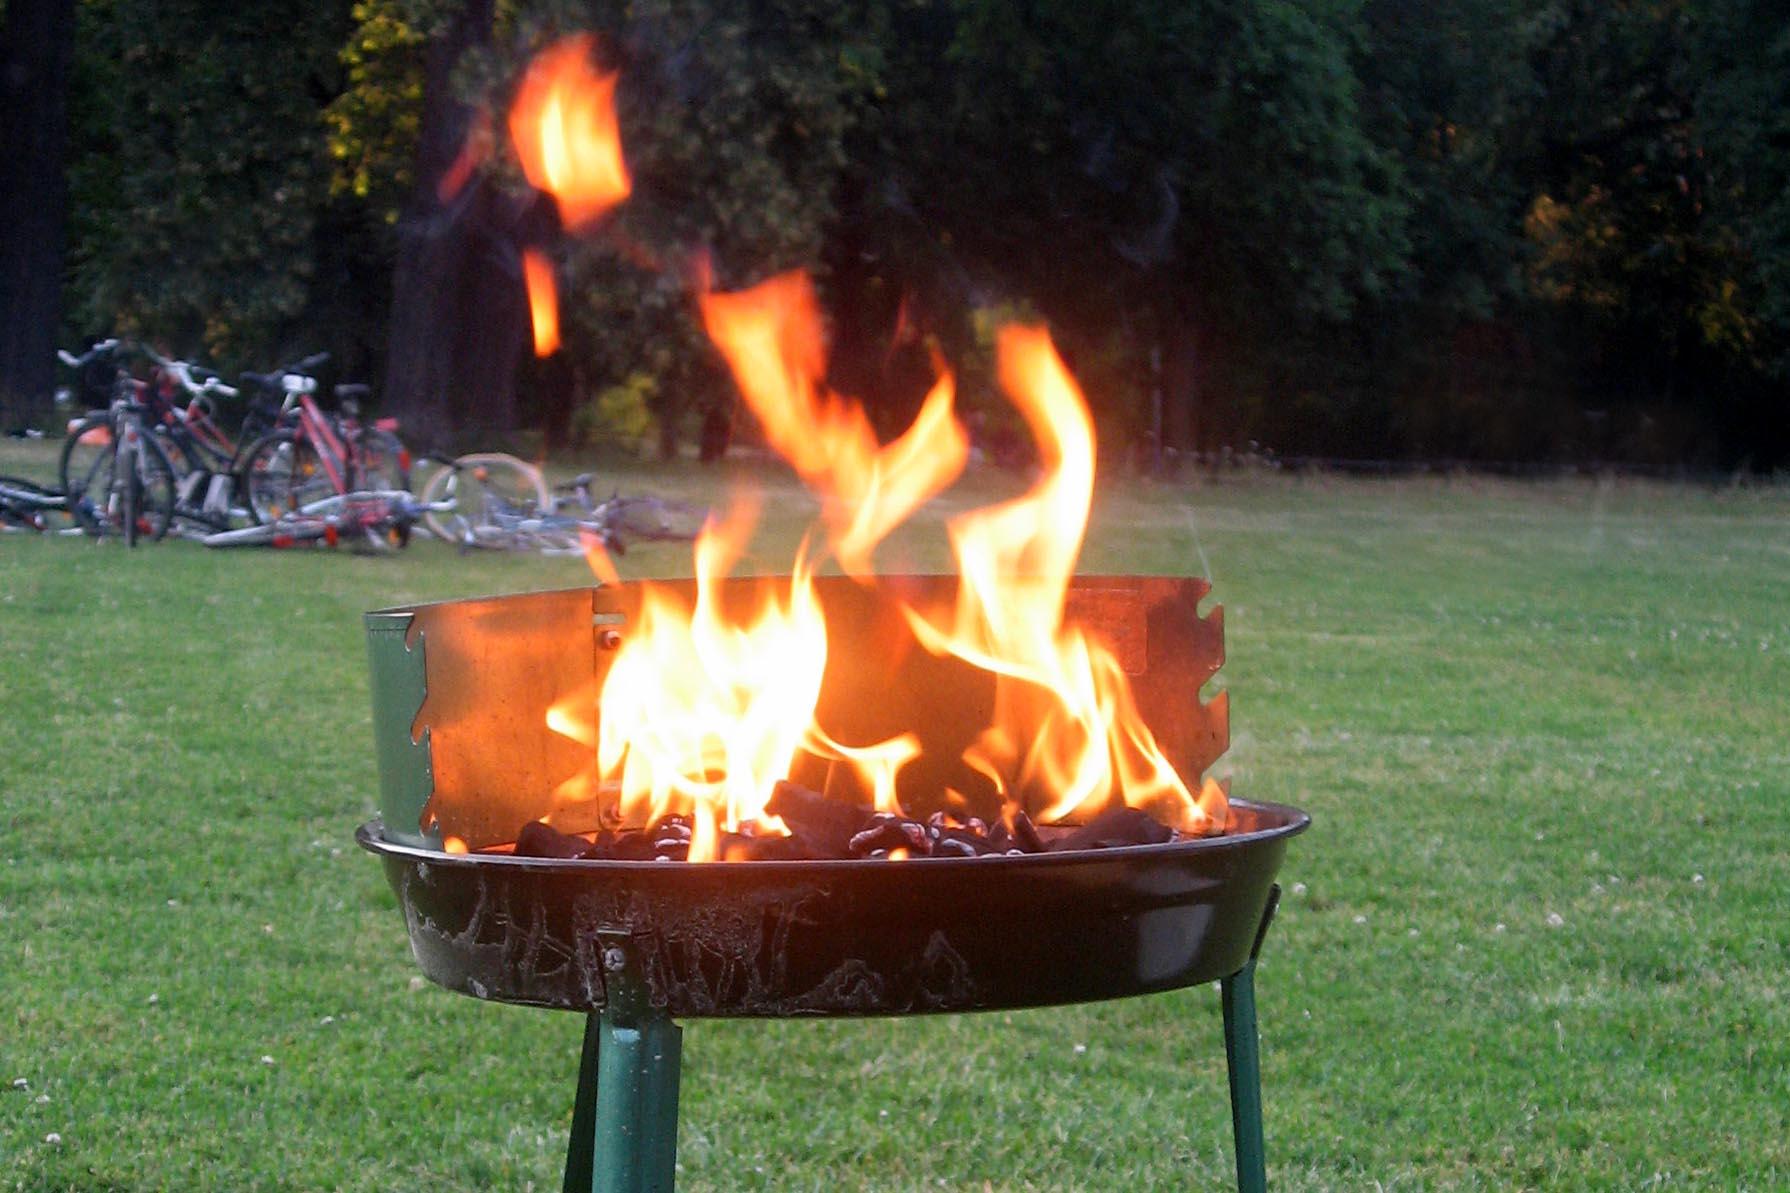 Flammen auf einem Holzkohlegrill, der gerade angezündet wird.